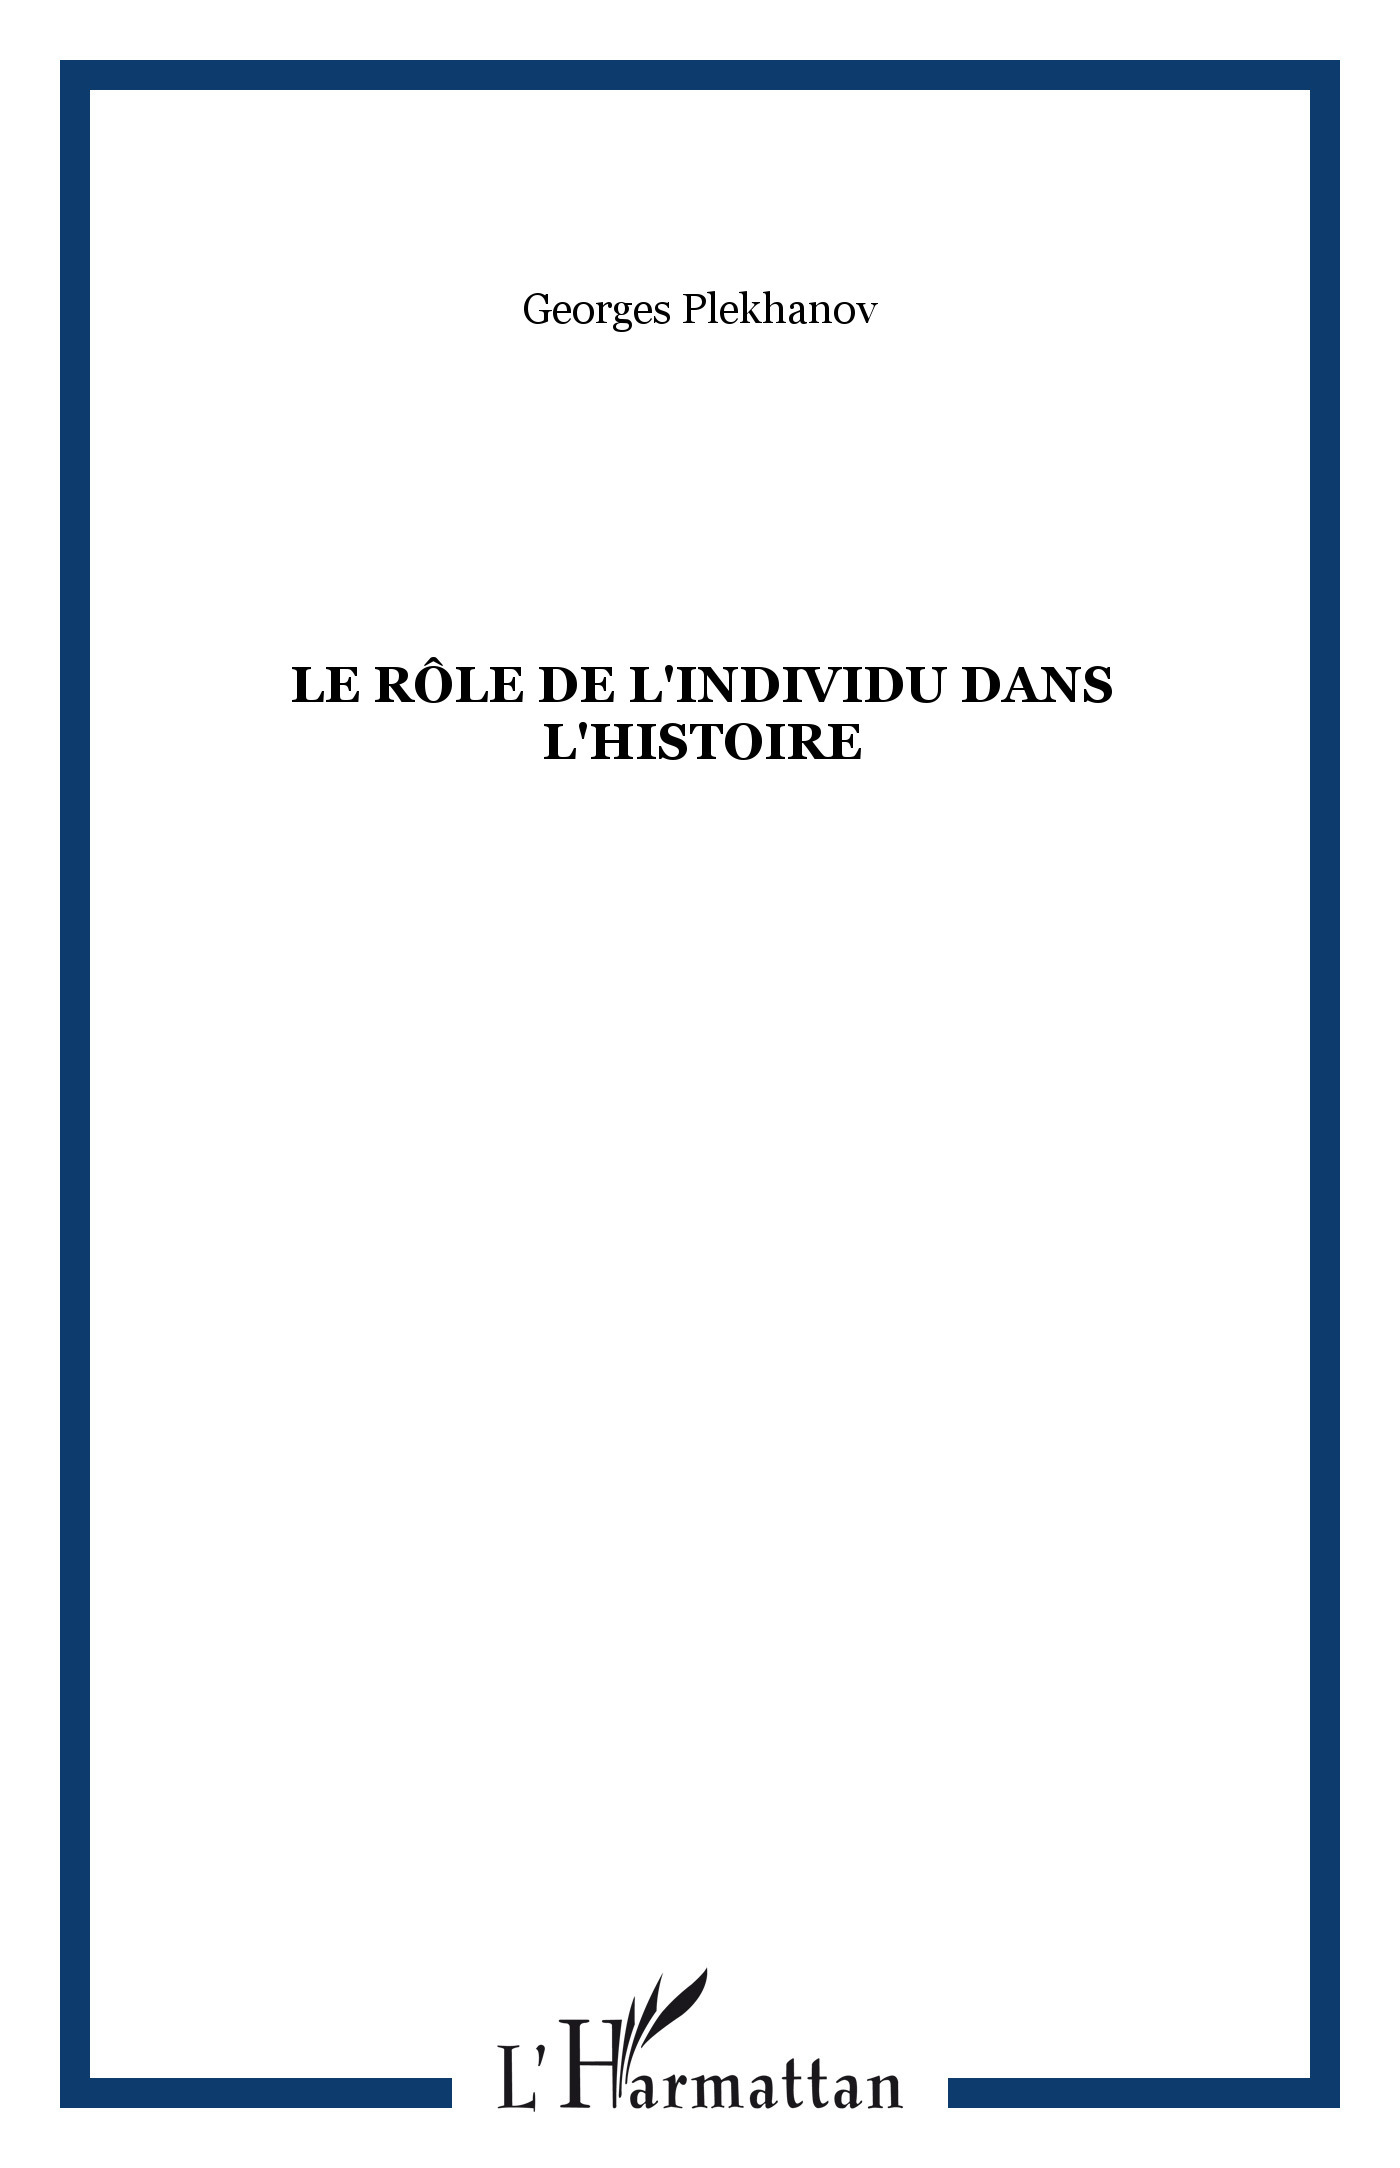 ROLE DE L'INDIVIDU DANS L'HISTOIRE